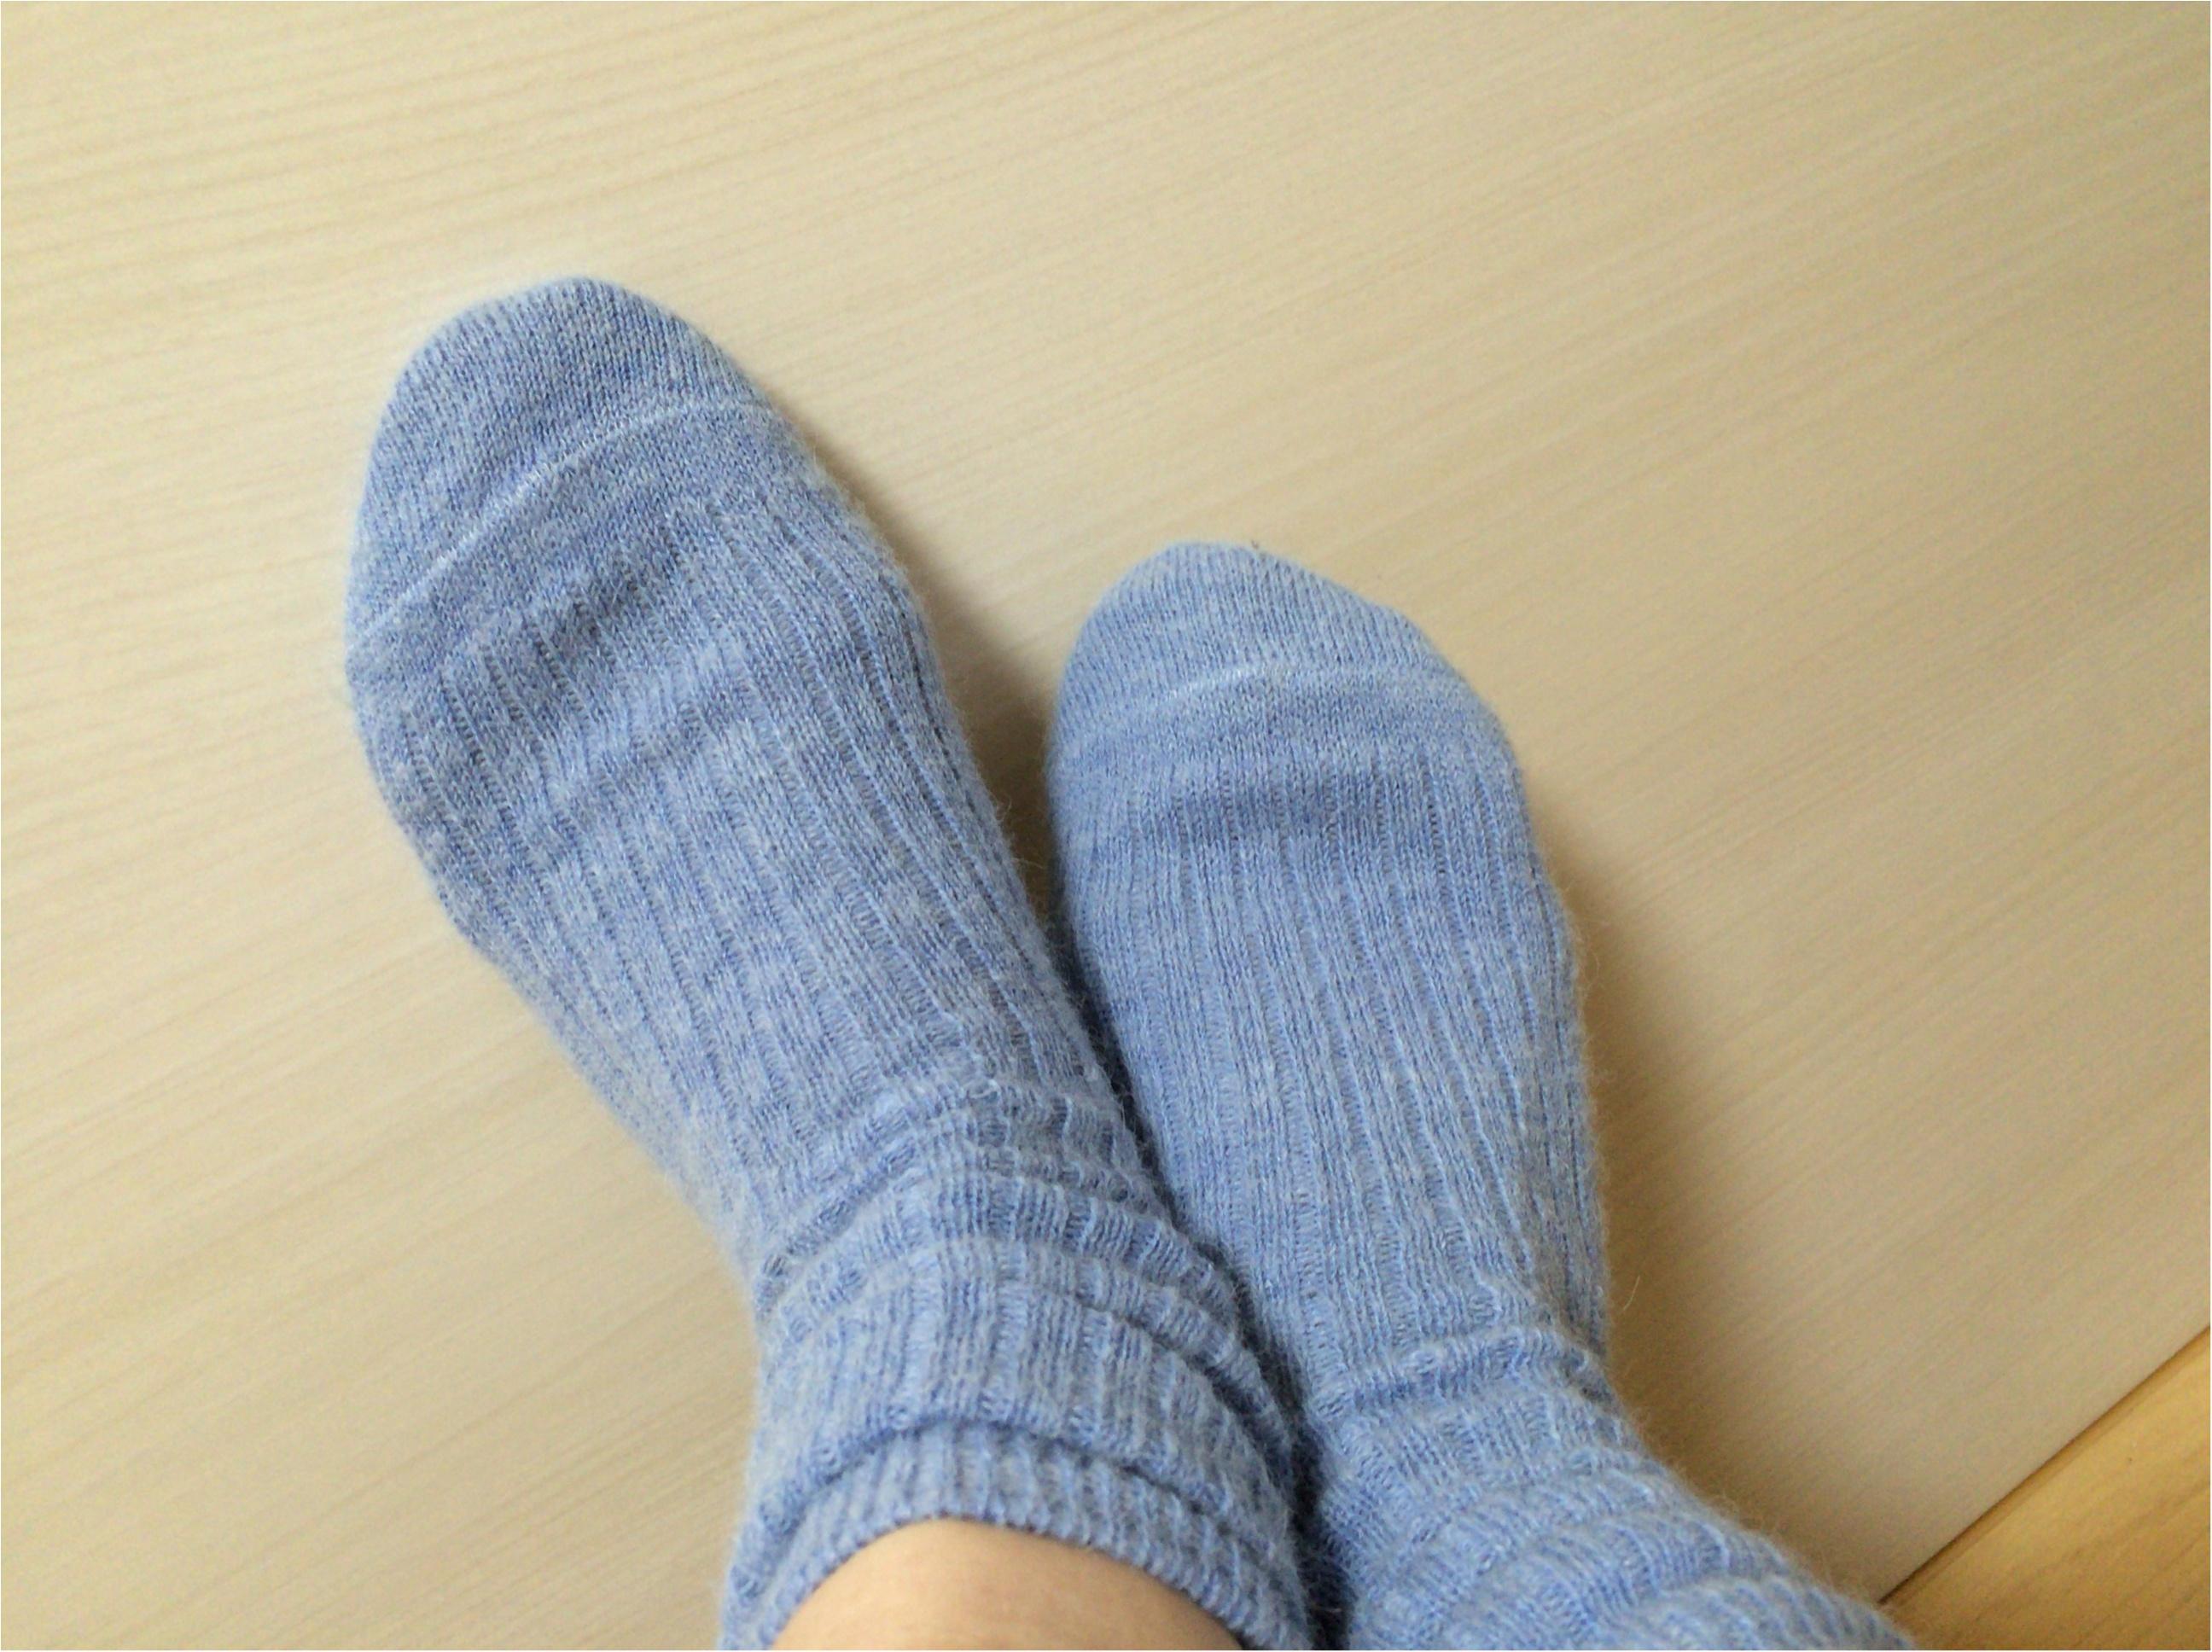 【小物SALE】だって逃せないっ!肉球滑り止めが可愛い《猫ソックス》など靴下を安くGETせよ!♡_7